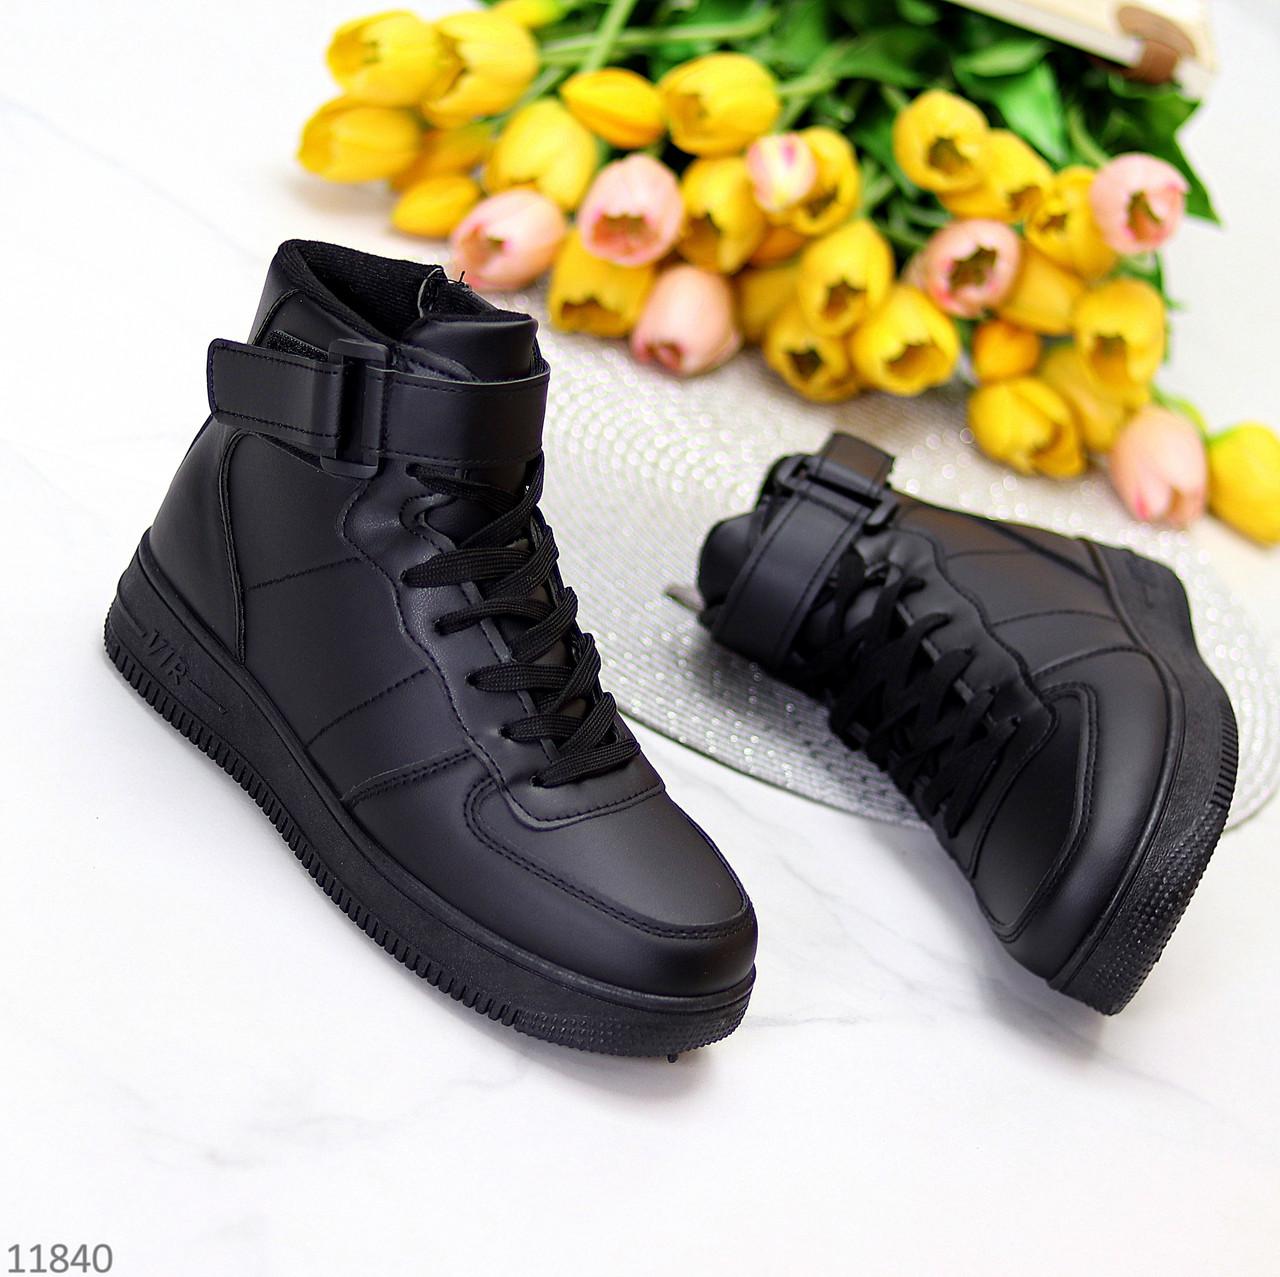 Стильні теплі чорні спортивні жіночі черевики кросівки зима 2021